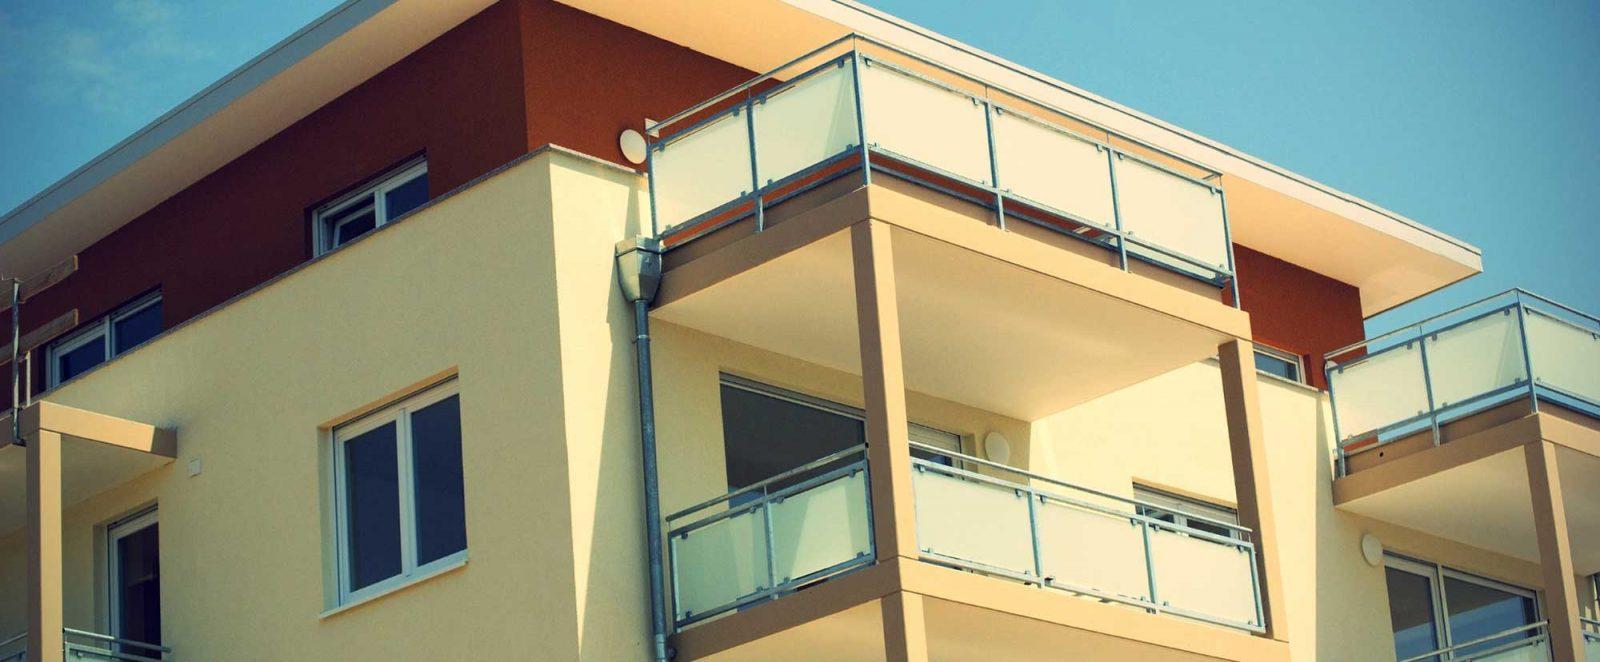 Immobiliengutachten Mietwert-Ermittlung